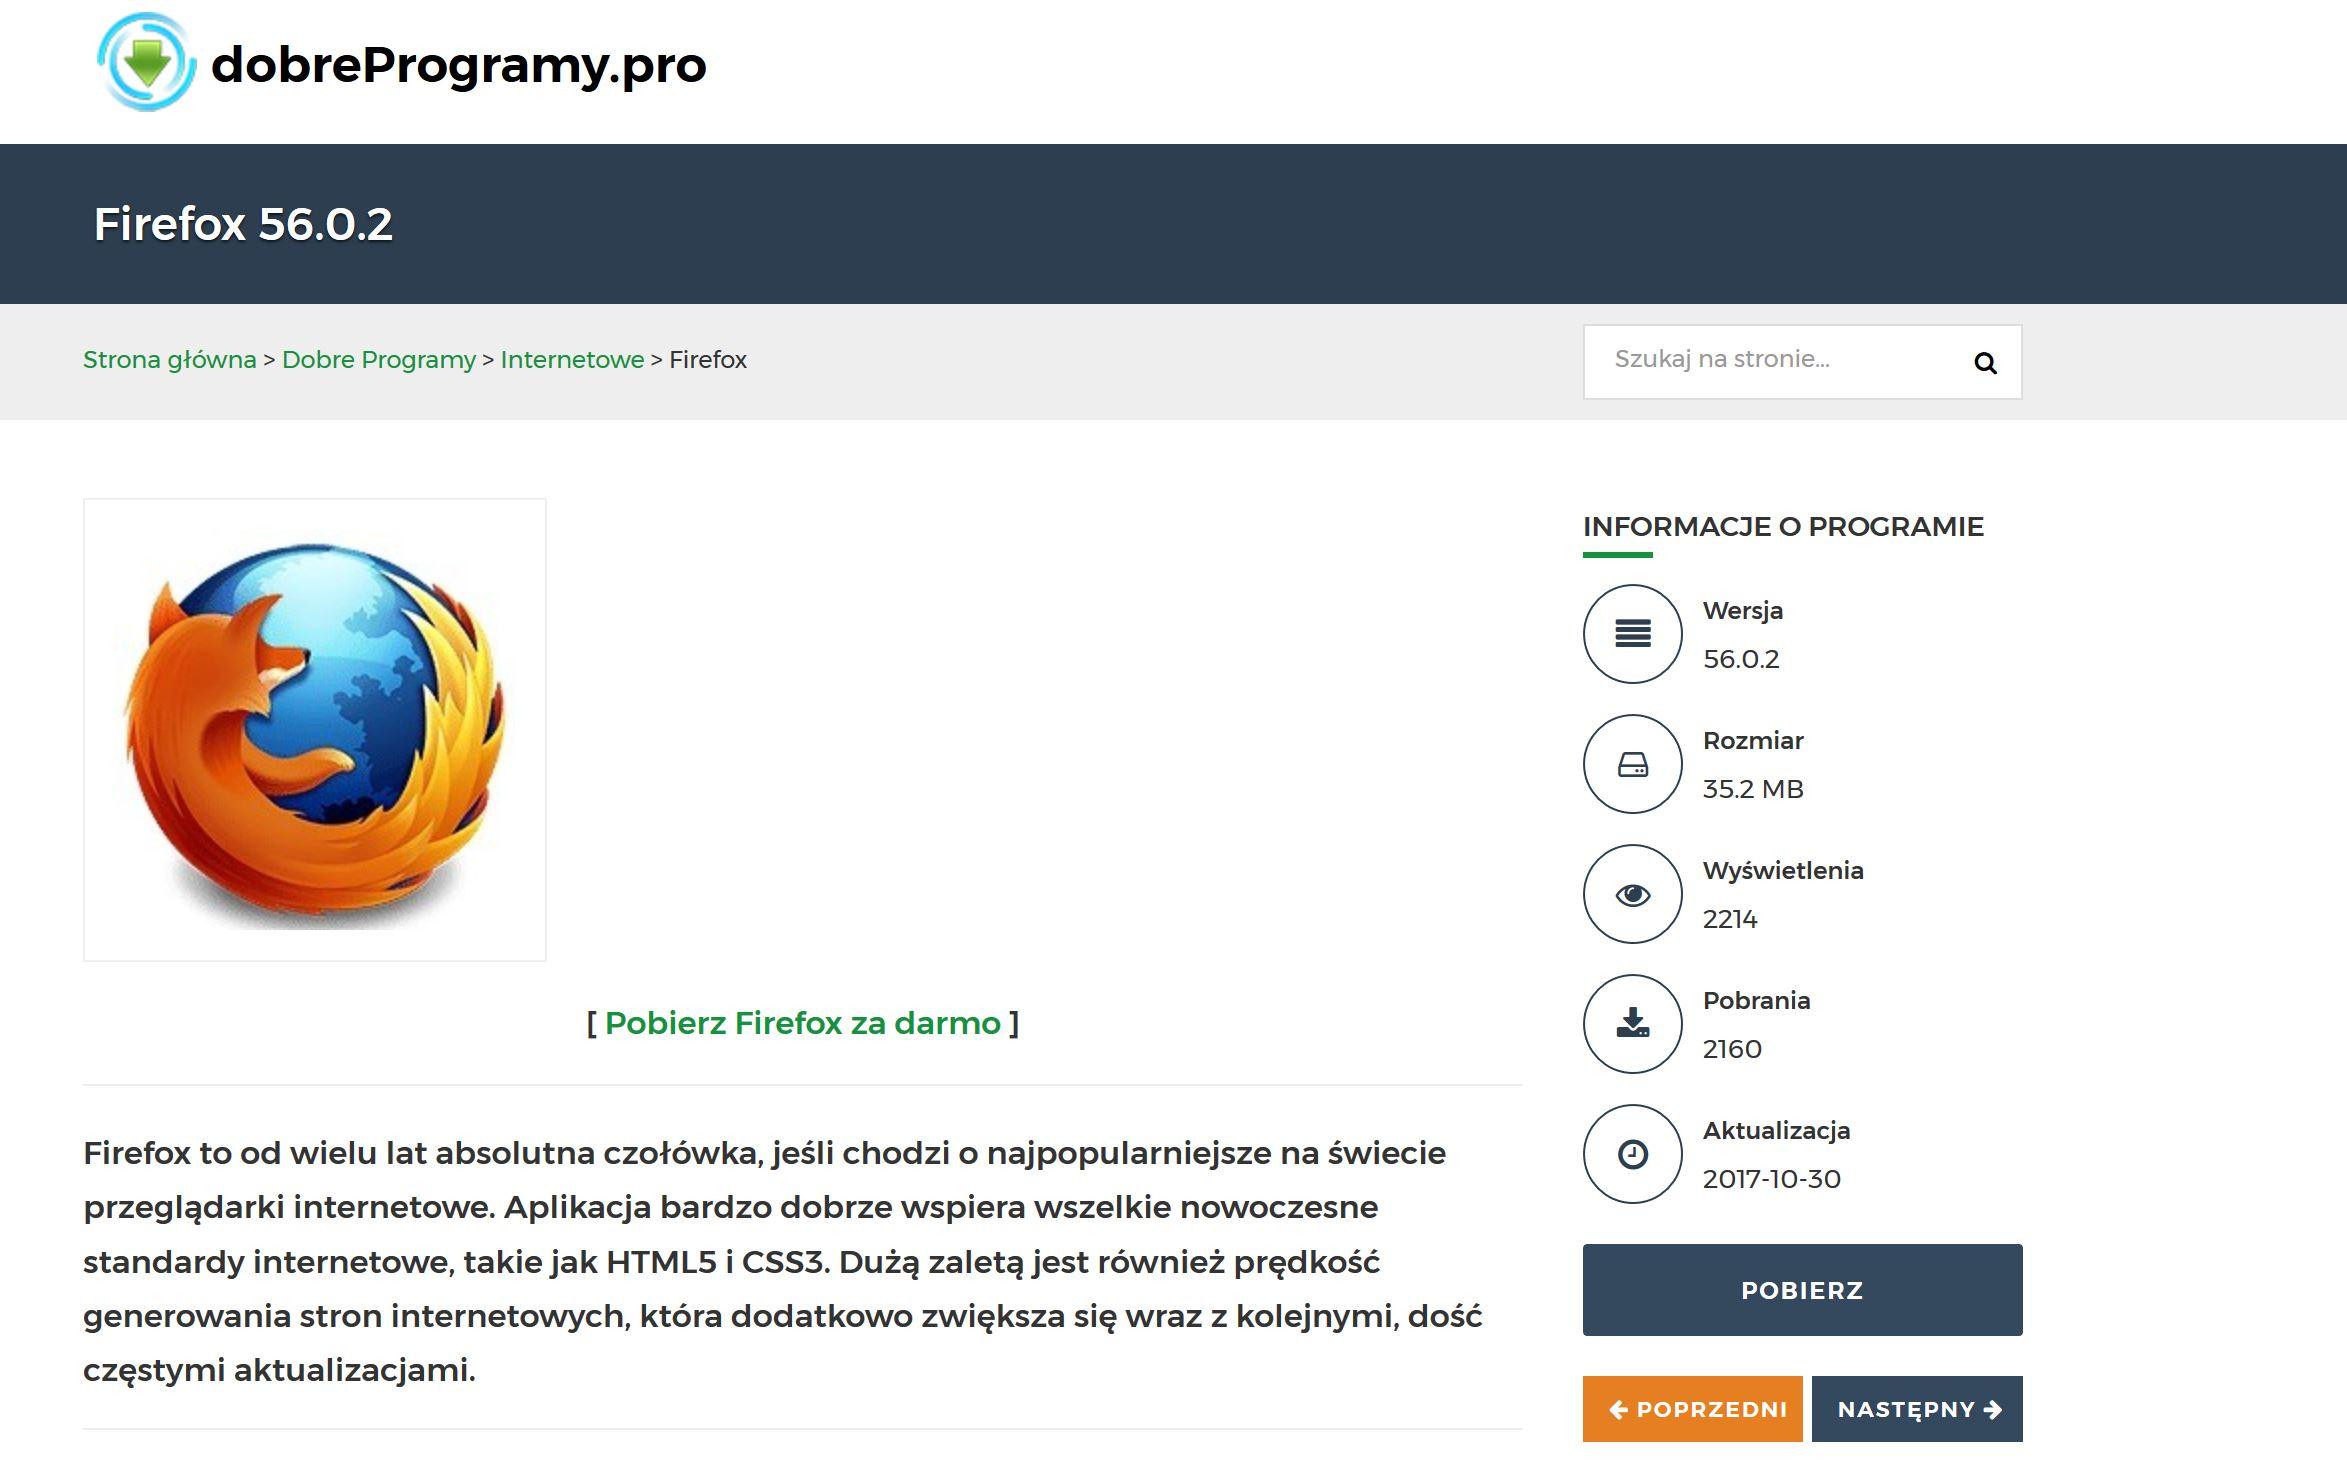 Firefox Quantum dobreprogramy.pro pobieranie